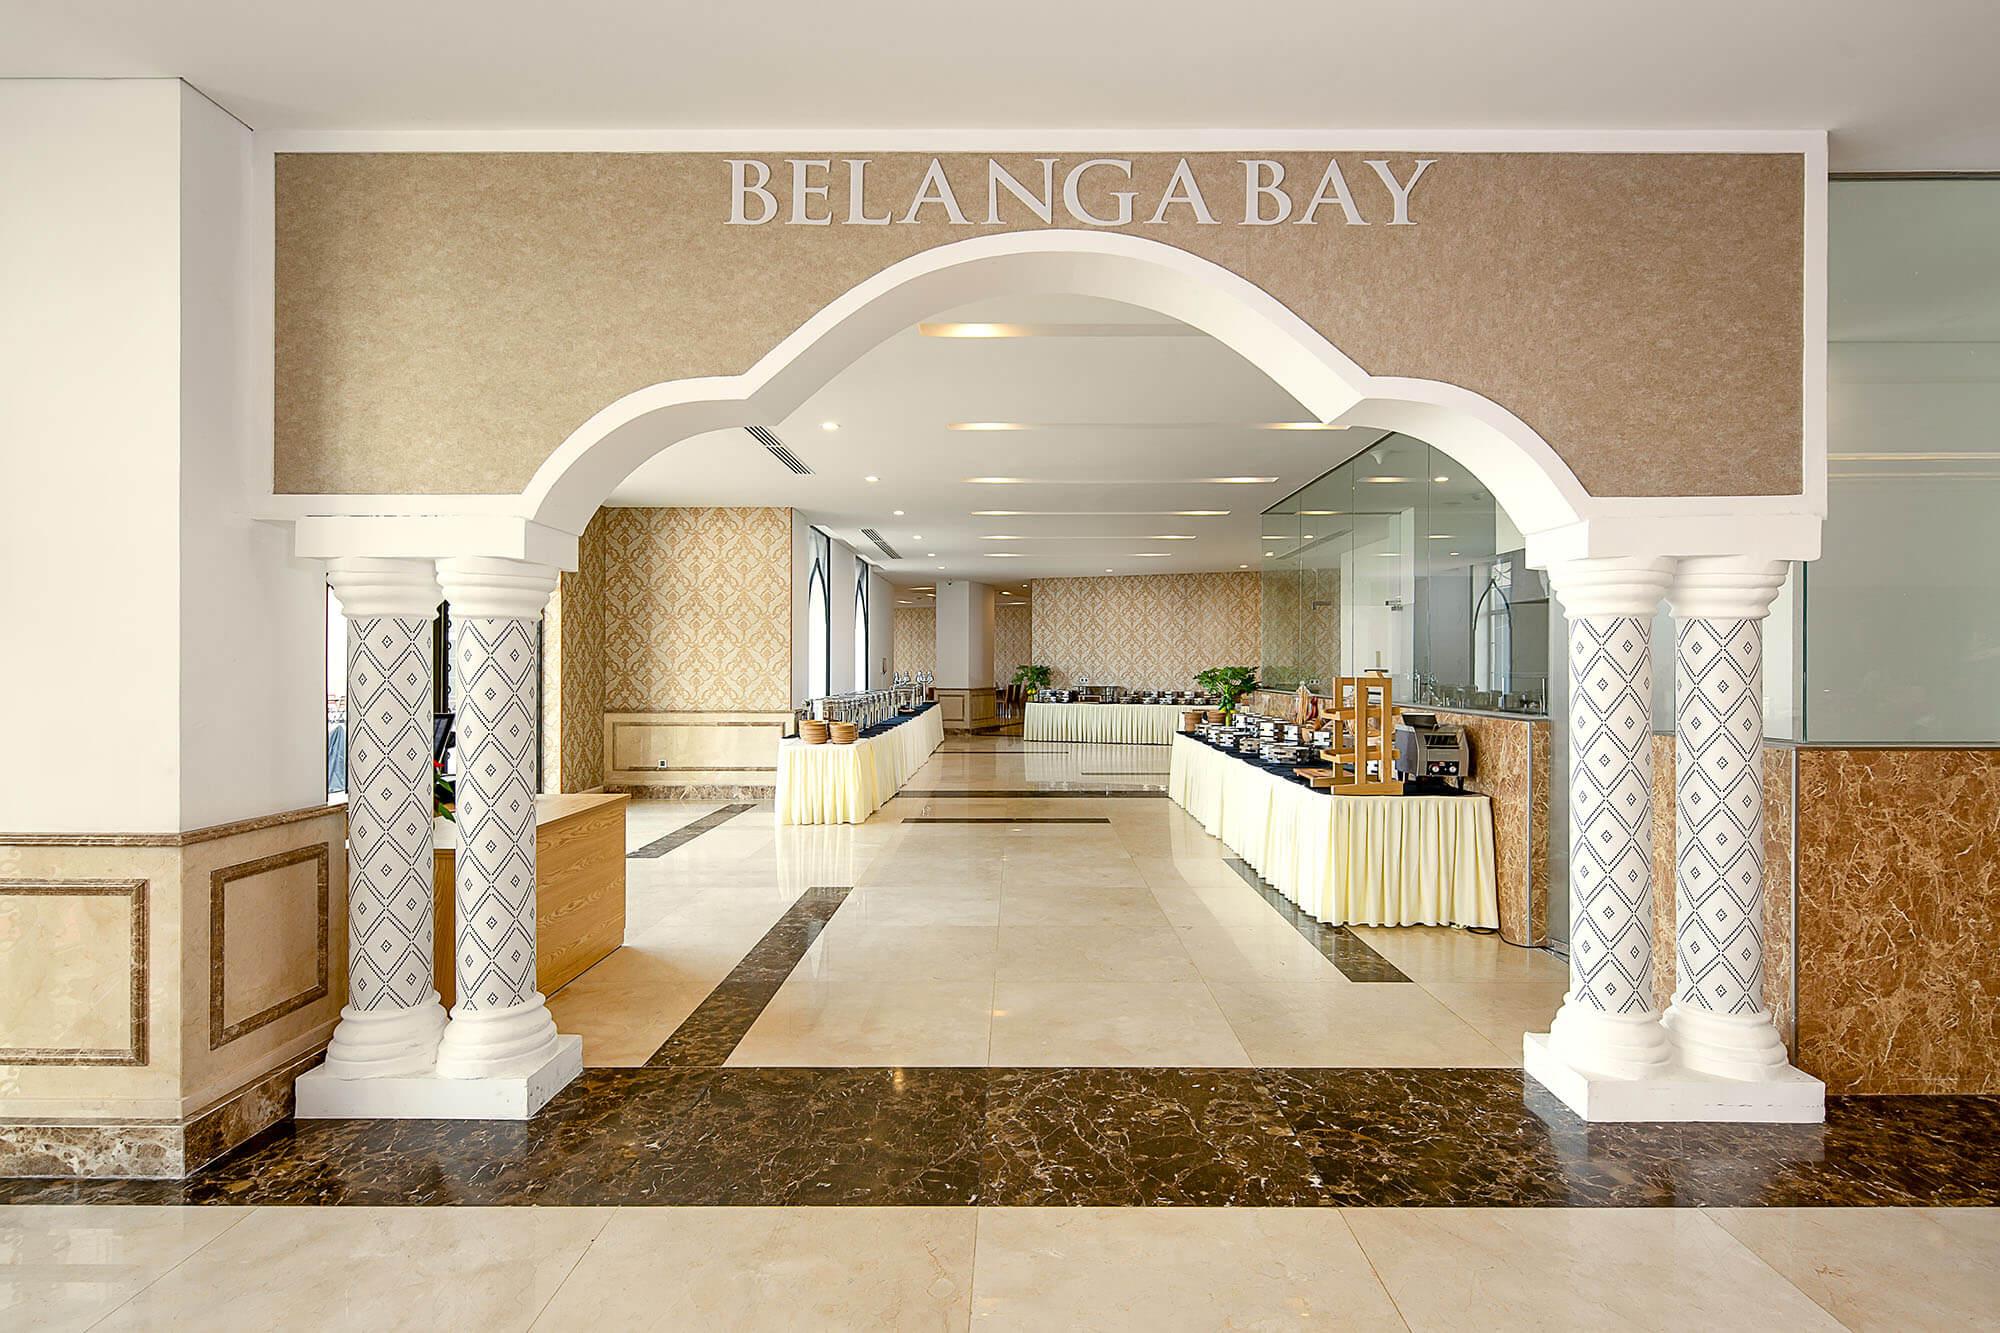 Belanga Bay Nha Hang Halal Dat Chuan Dau Tien Tai Da Nang